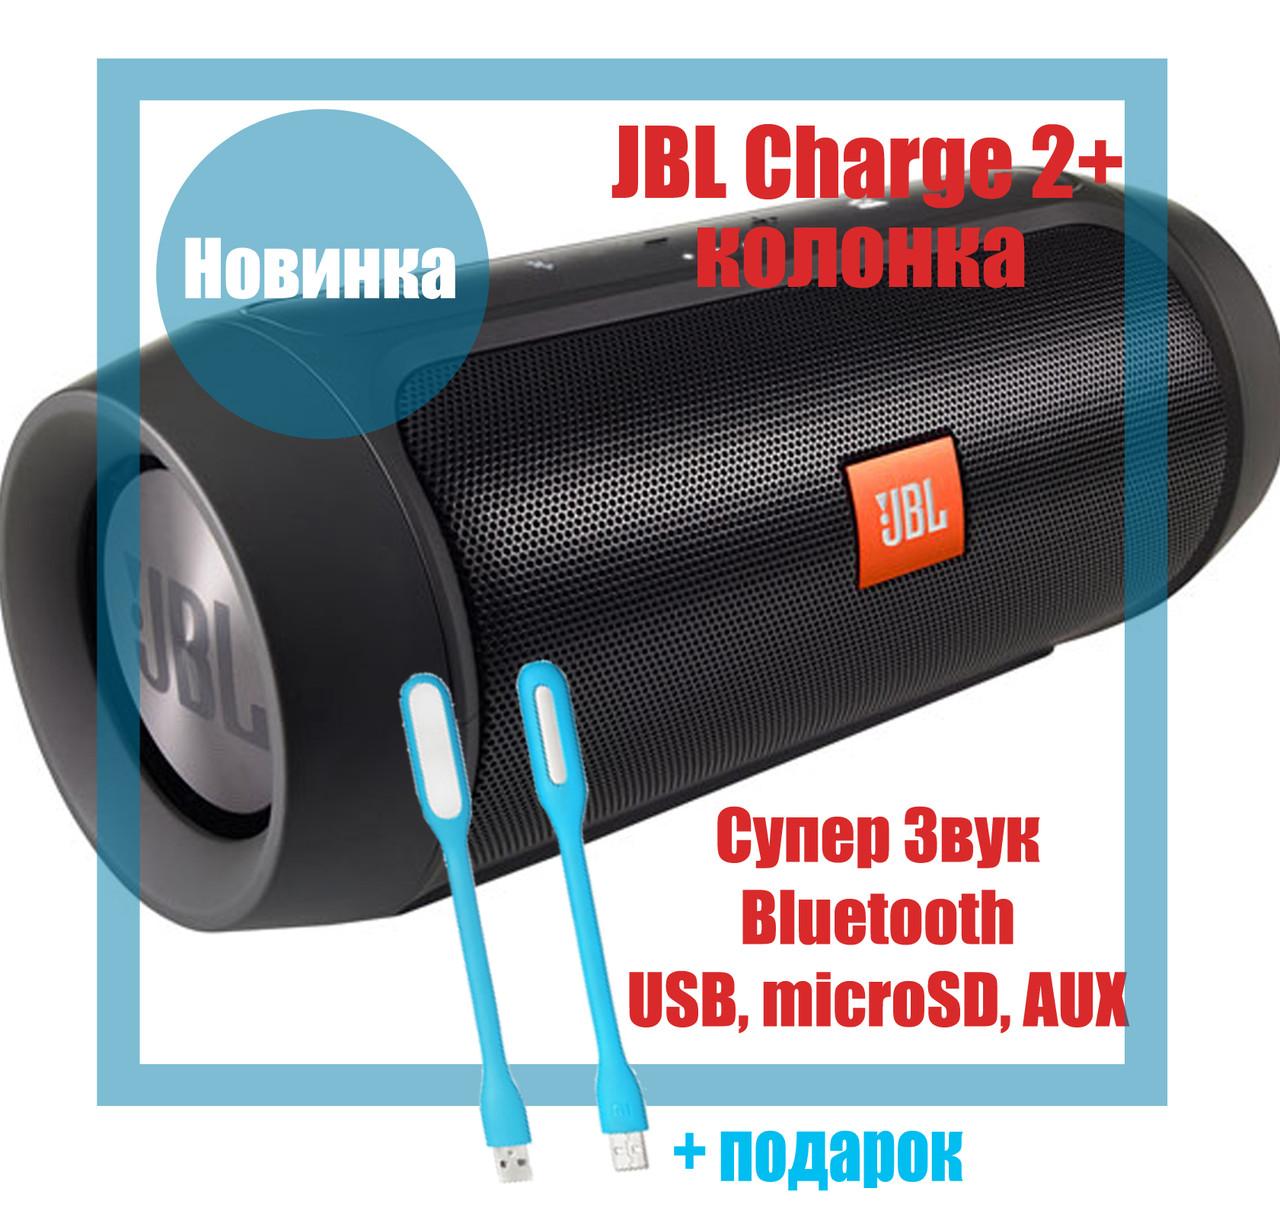 Колонка JBL Charge 2 Bluetooth Quality Replica, FM MP3 AUX USB microSD, влагозащита, 15W качество